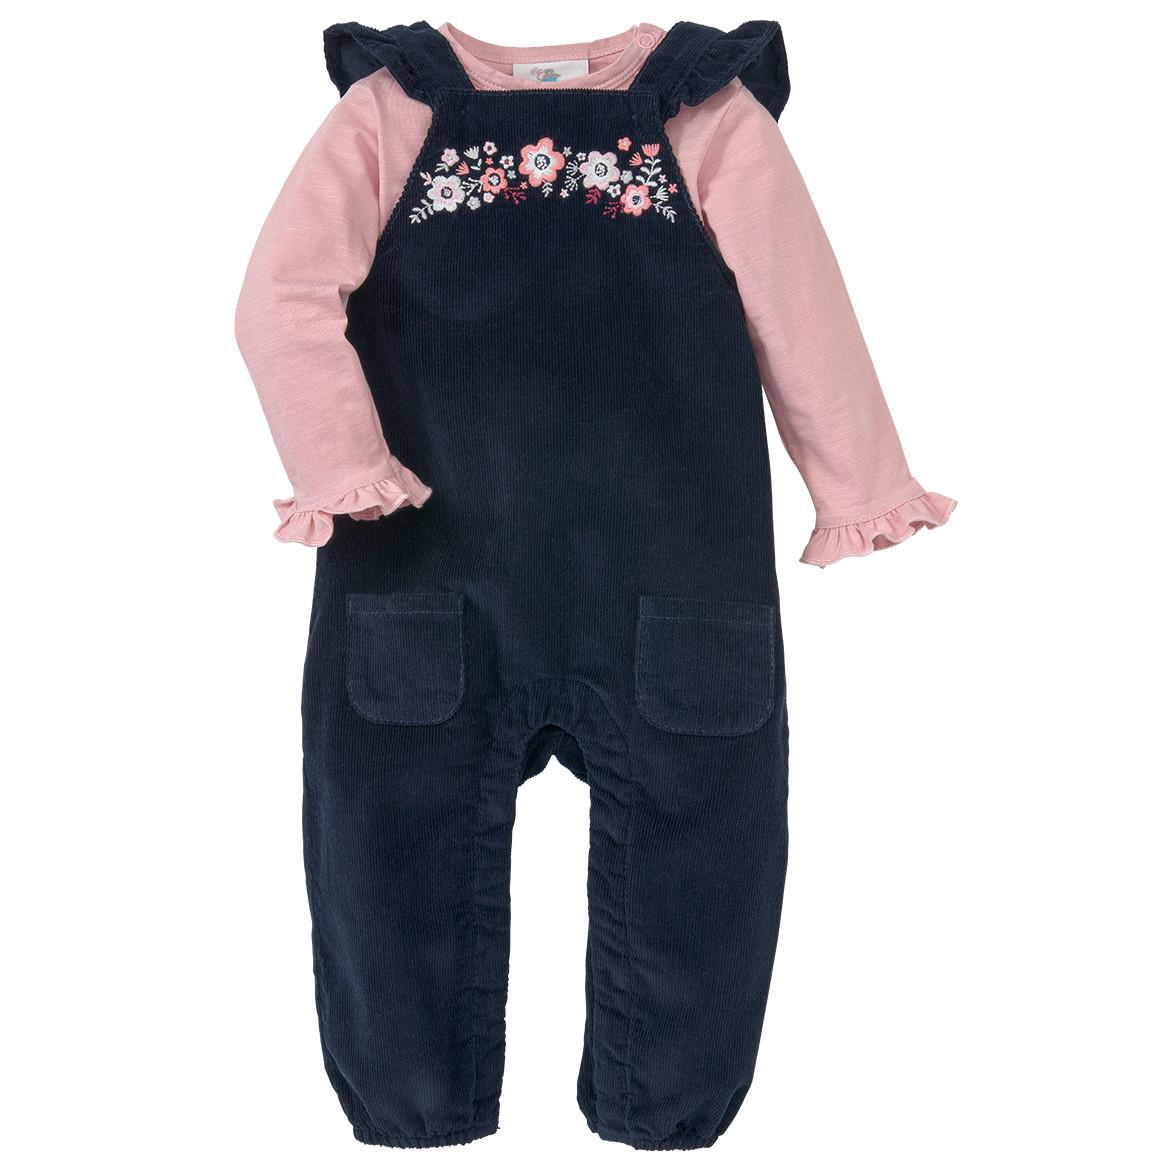 Newborn Kordlatzhose und Body im Set